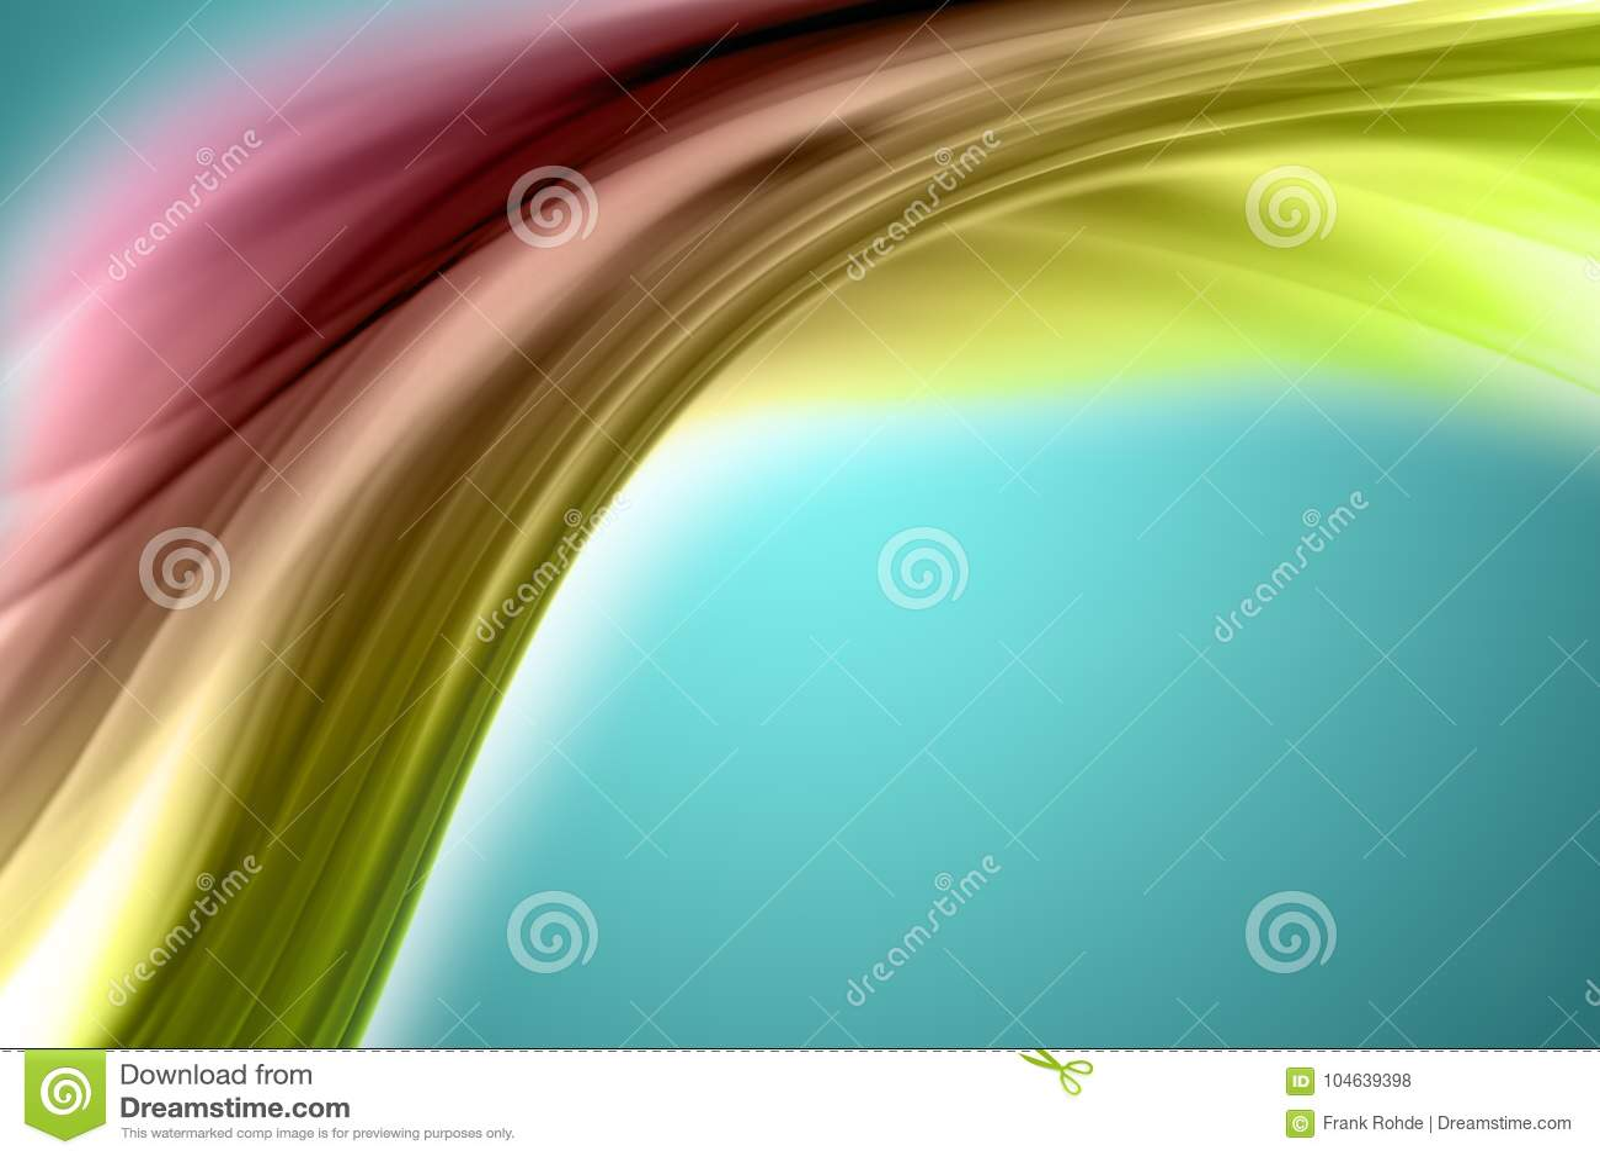 Download Abstract Elegant Ontwerp Als Achtergrond Stock Illustratie - Illustratie bestaande uit uitdaging, kleurrijk: 104639398